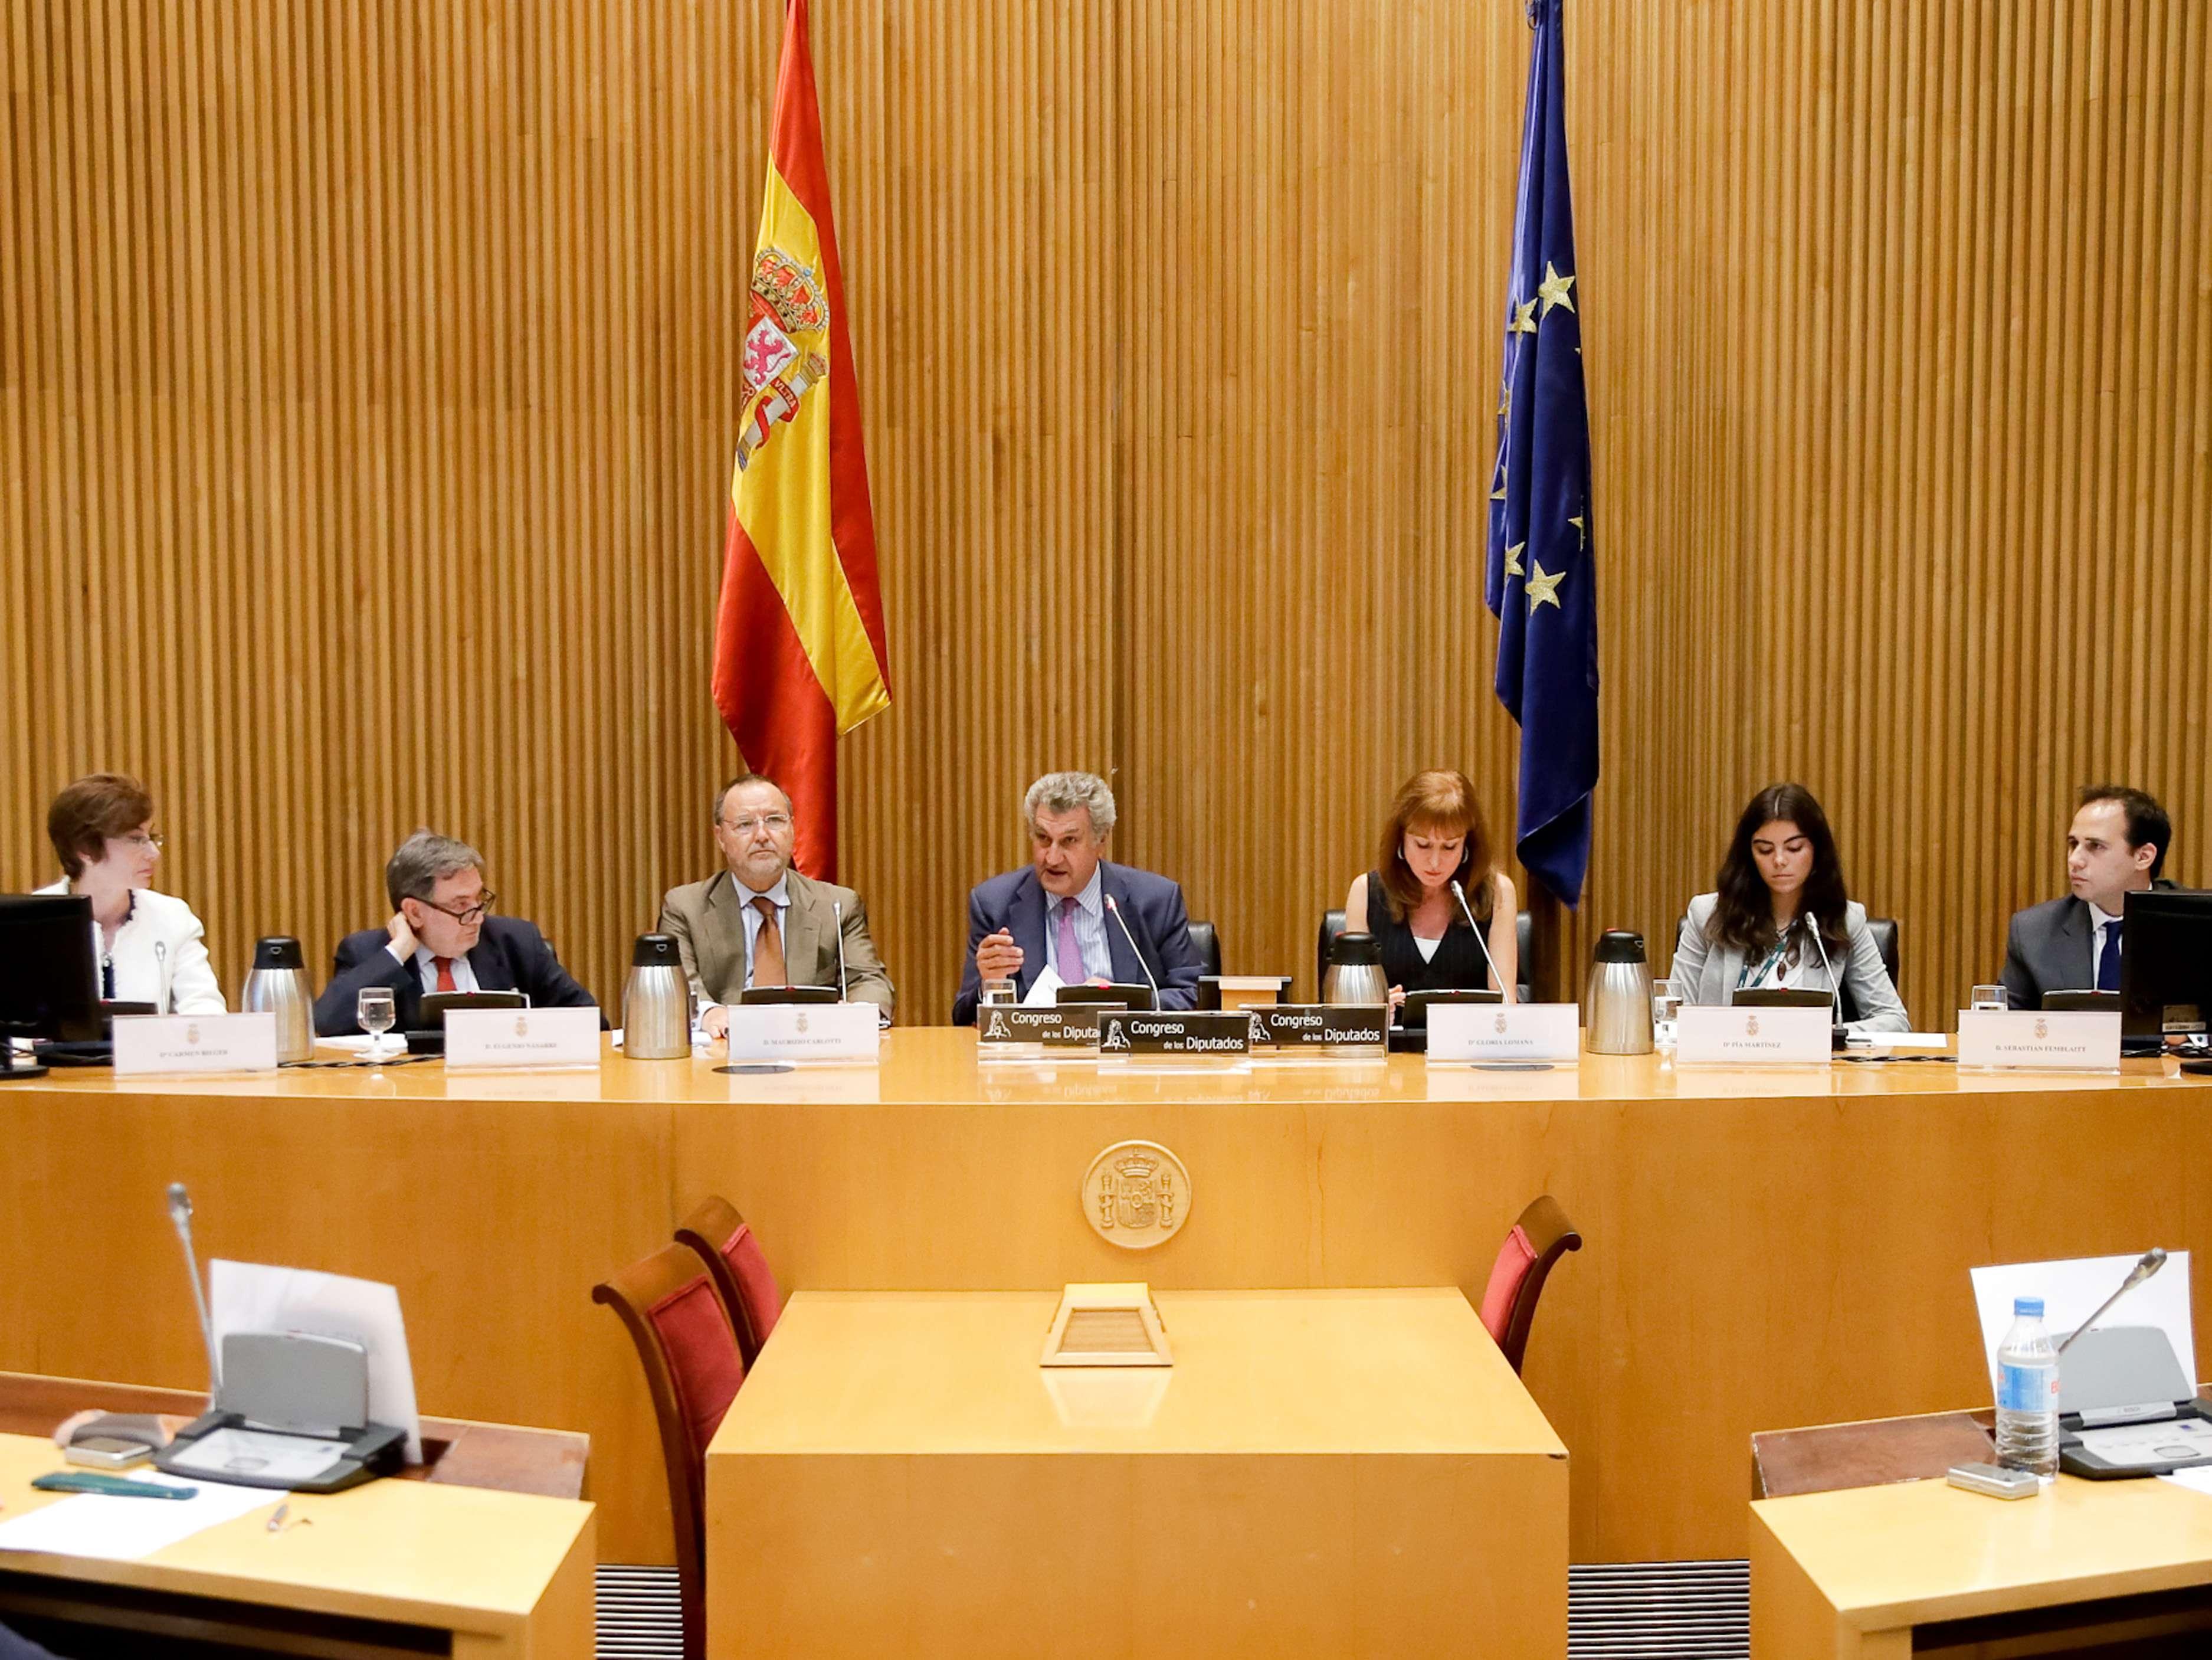 Foto: Congreso de España